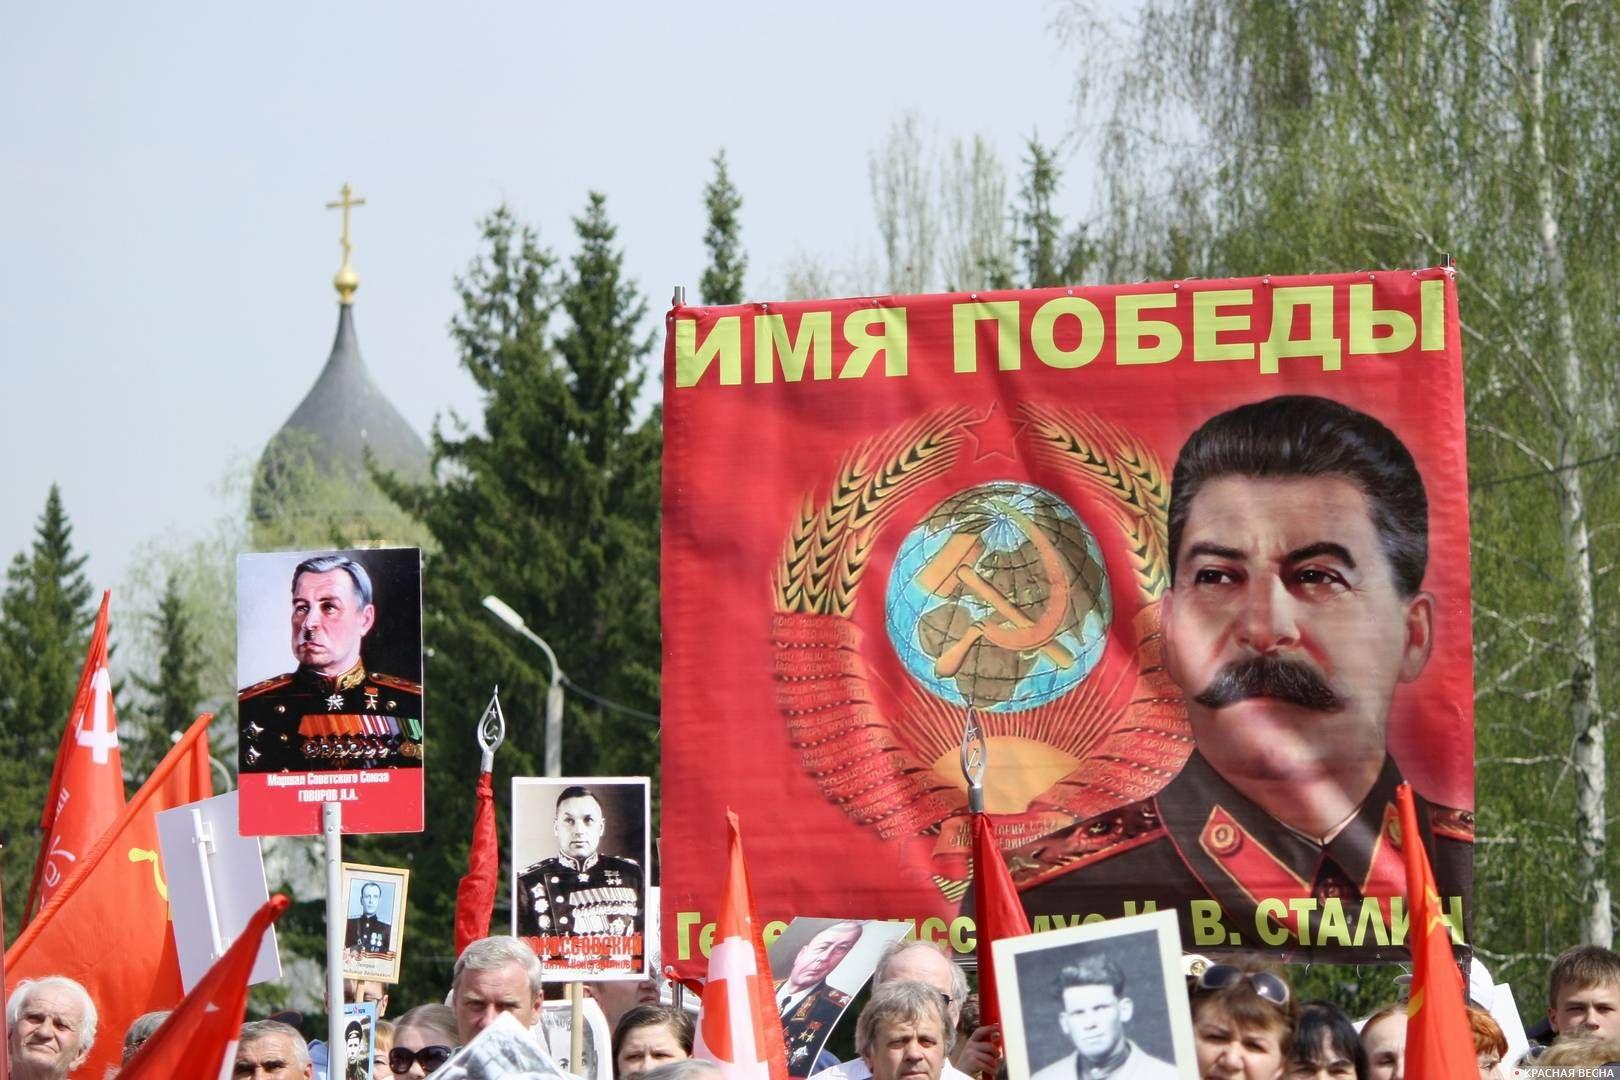 Омск. «Бессмертный полк», организованный КПРФ в парке Победы.